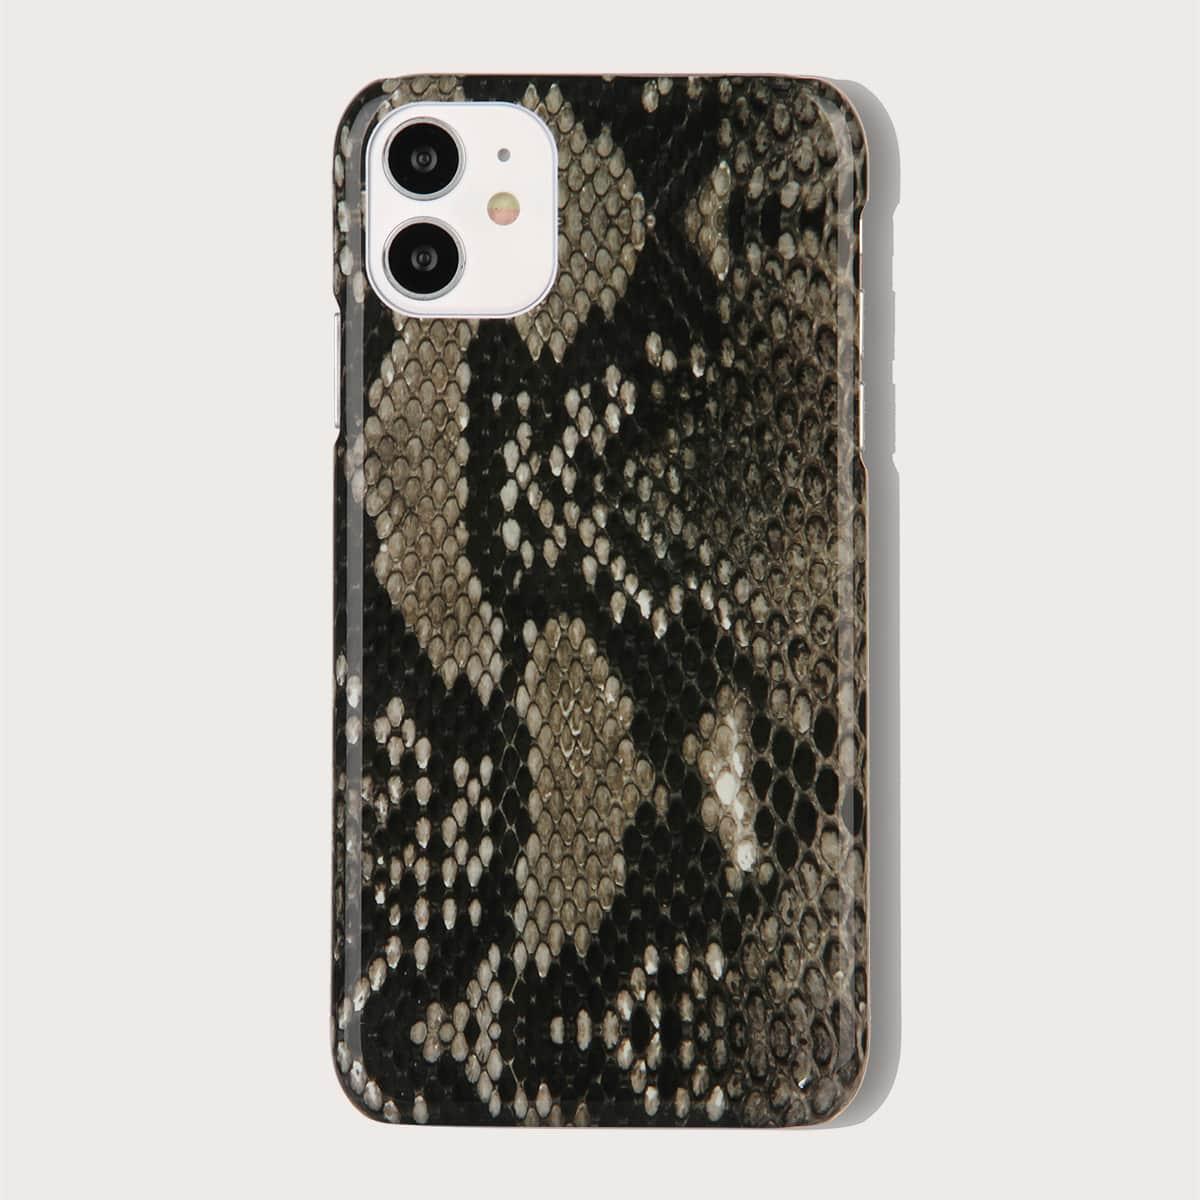 iPhone Schutzhülle mit Schlangenleder Muster